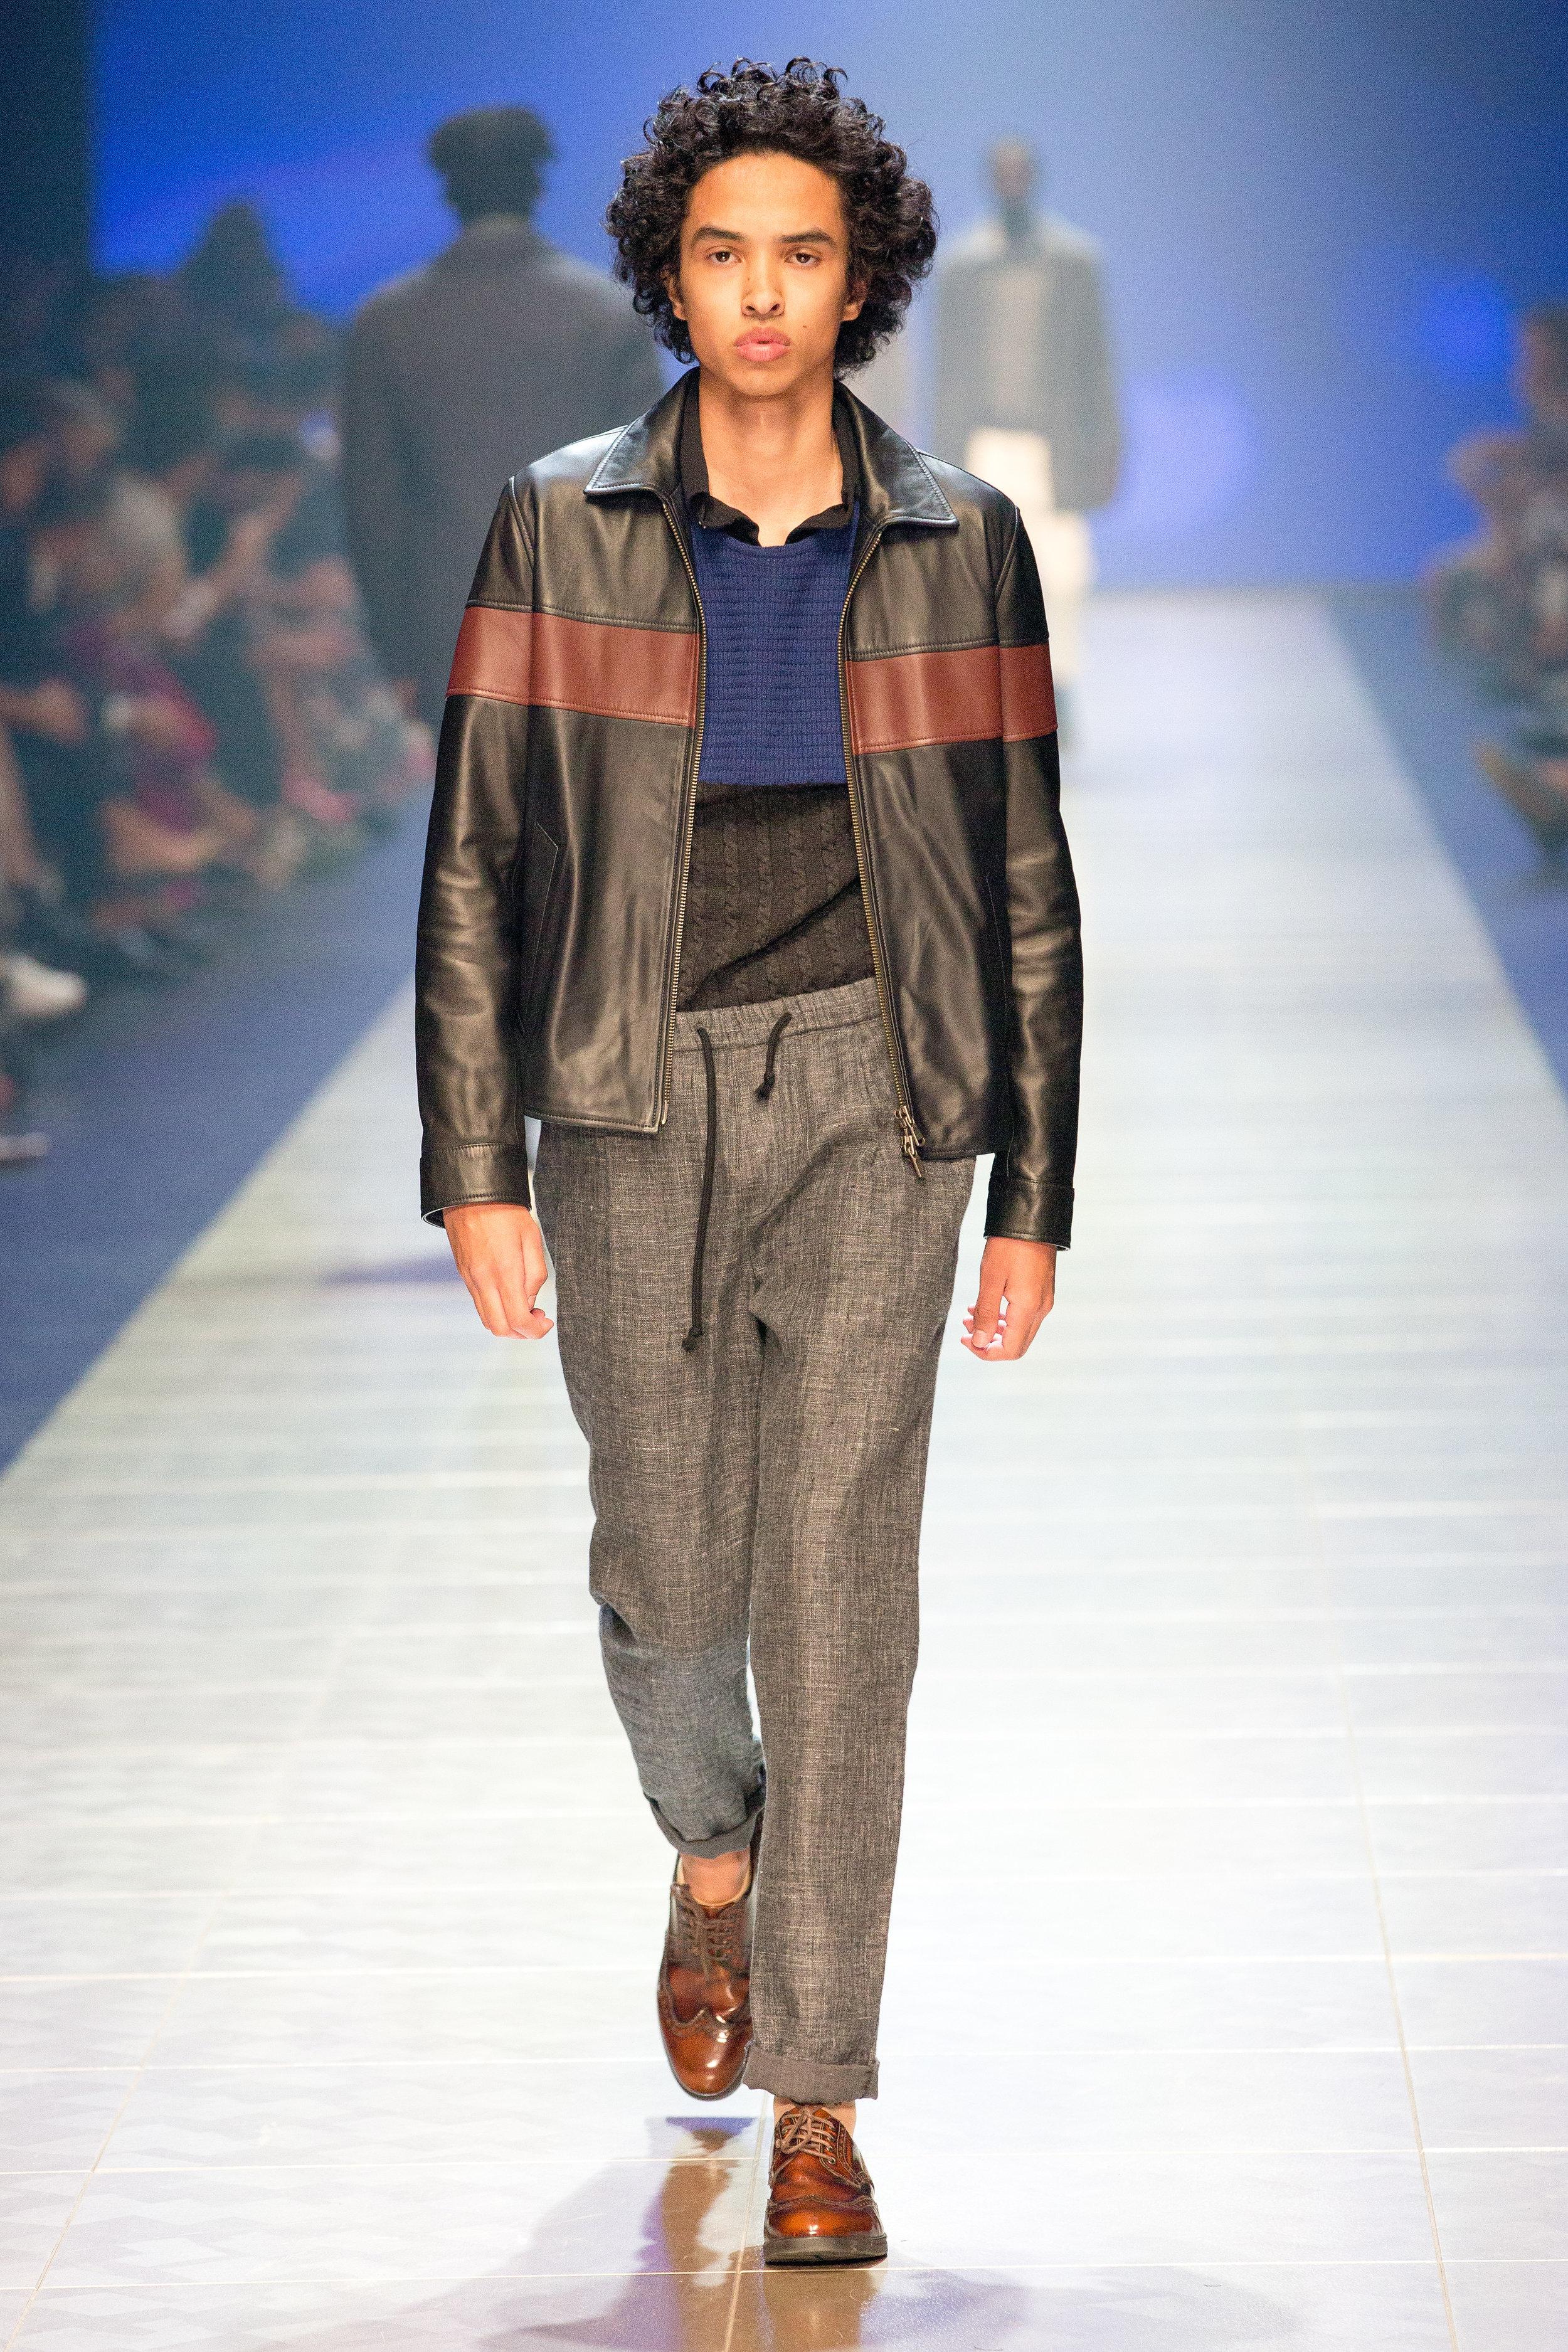 VAMFF2019_GQ Menswear-415.jpg